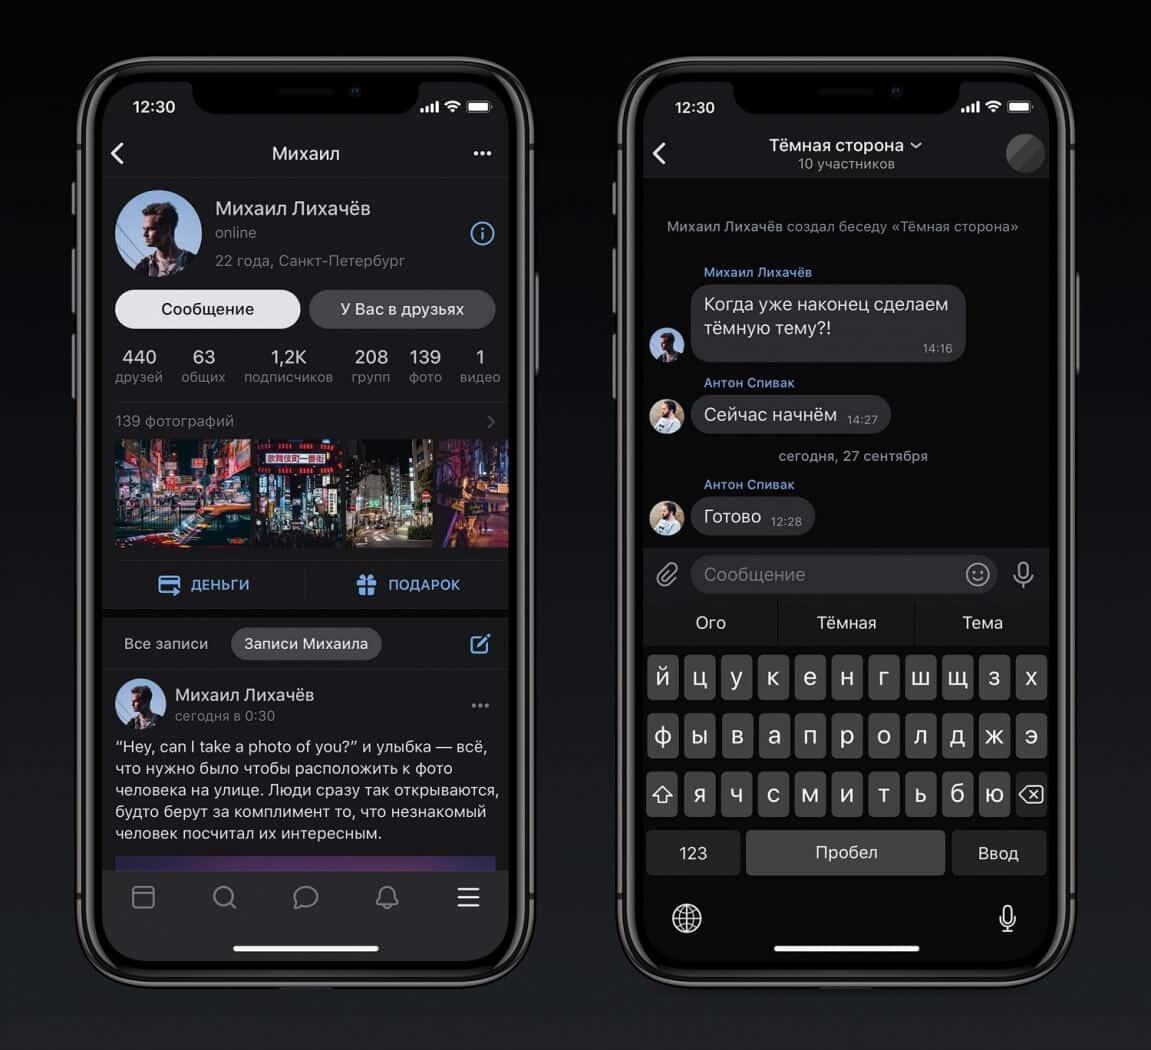 Иллюстрация на тему Как сменить тему в ВК на компьютере и телефоне (Андроид и iOS)